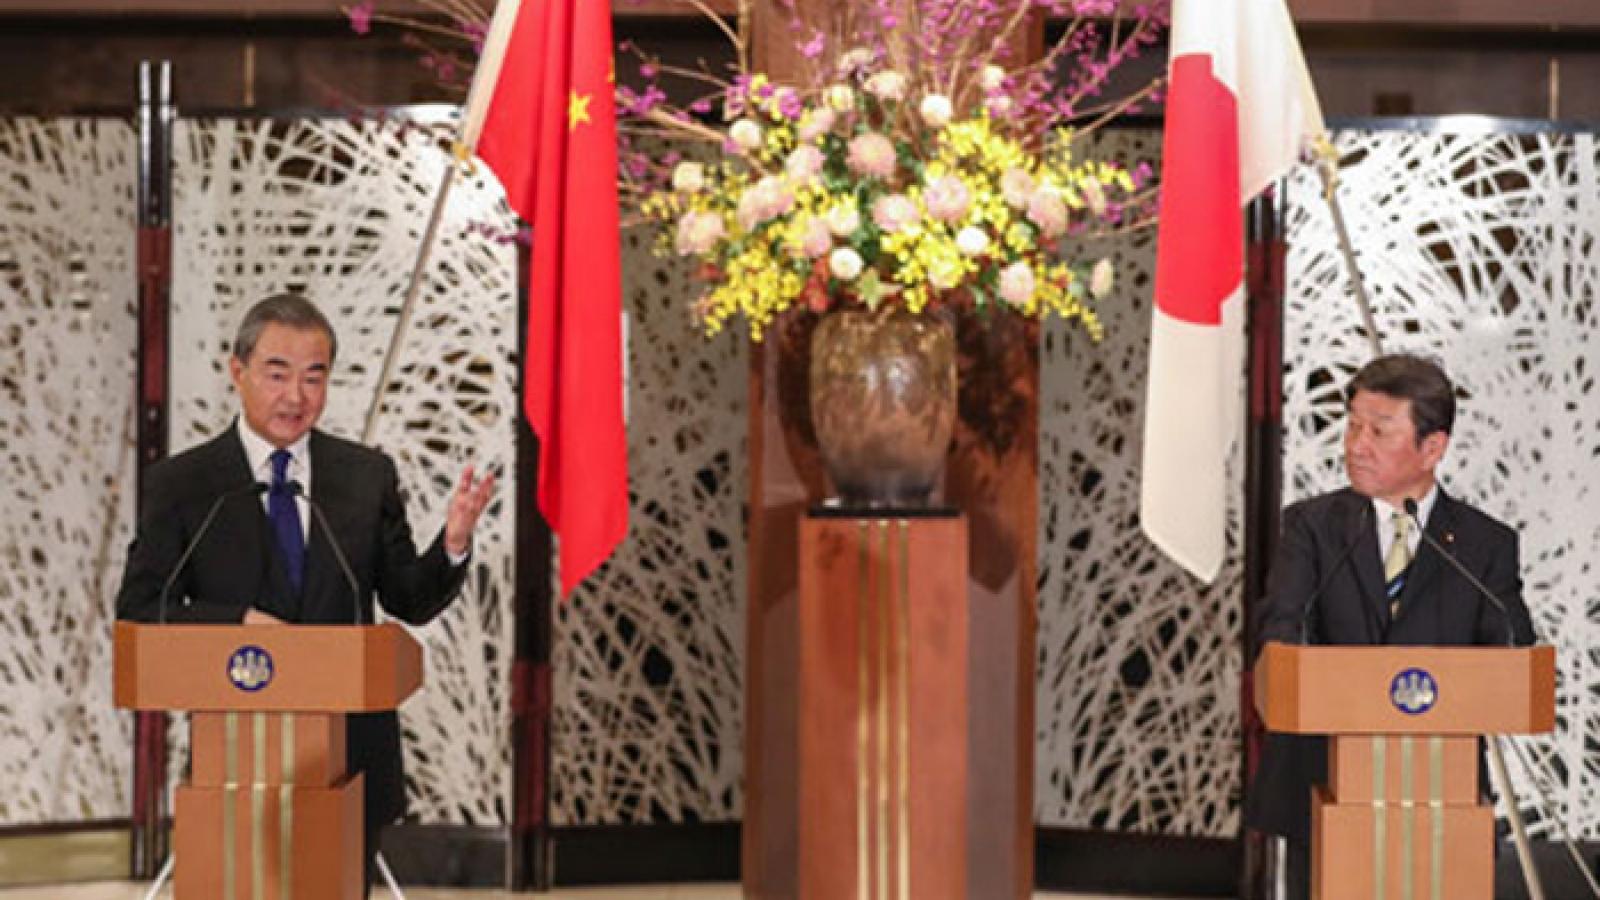 Trung Quốc và Nhật Bản đạt được nhiều nhận thức chung quan trọng